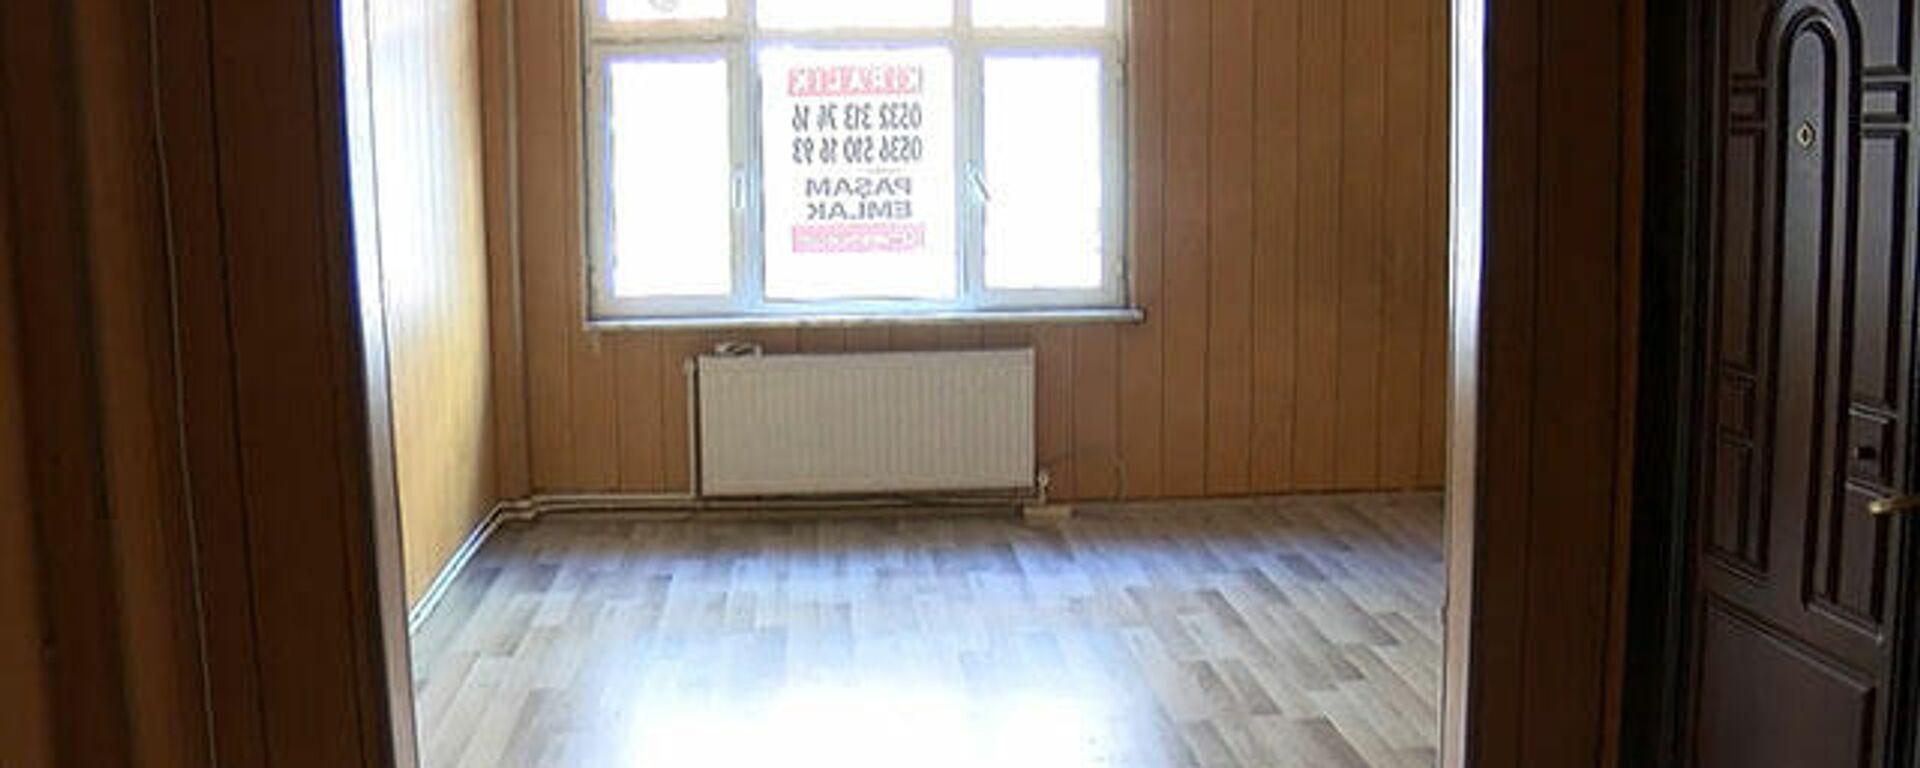 Öğrenci evlerinin en yoğun olduğu Fatih'te kira fiyatlarında büyük artış - Sputnik Türkiye, 1920, 24.08.2021